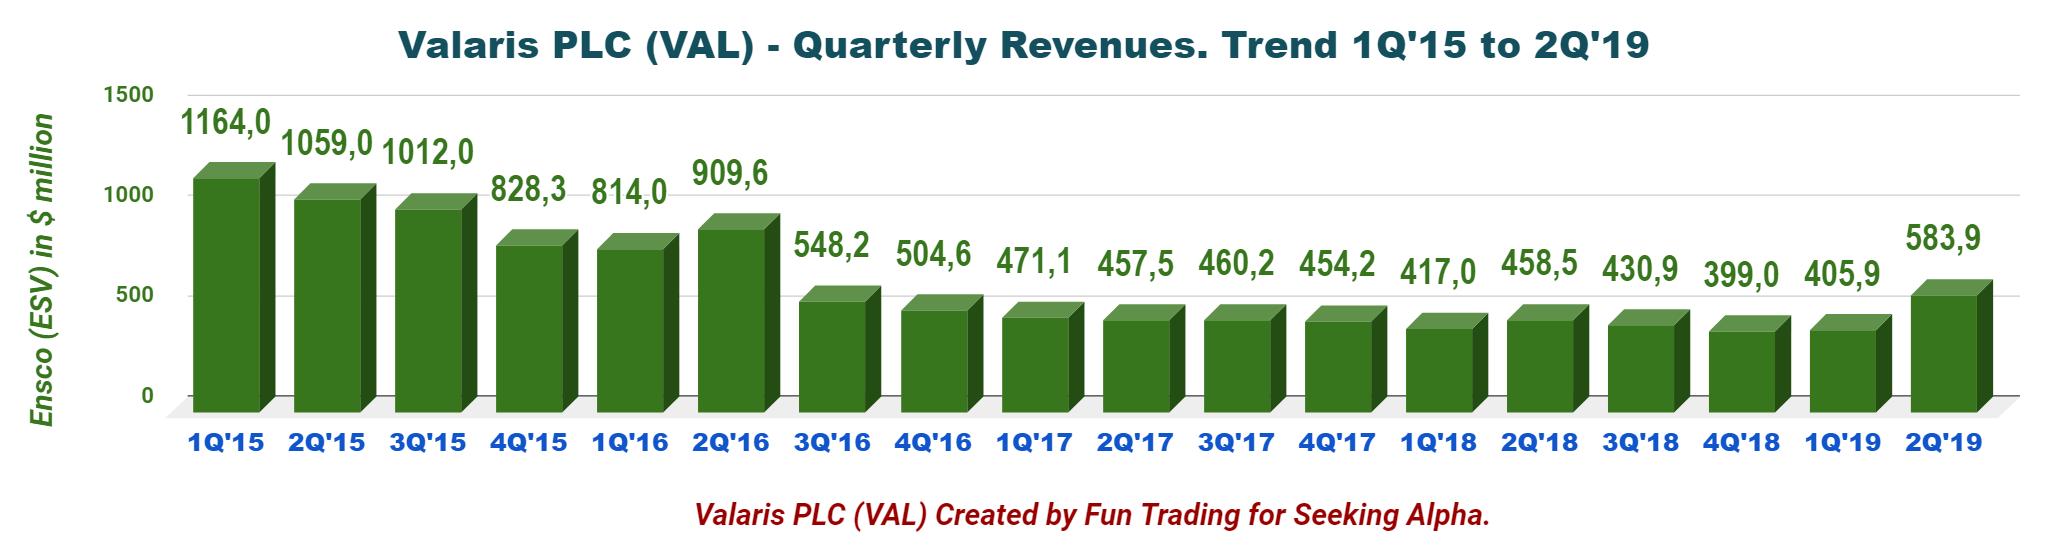 Valaris PLC: A Struggle For Survival - Valaris plc (NYSE:VAL